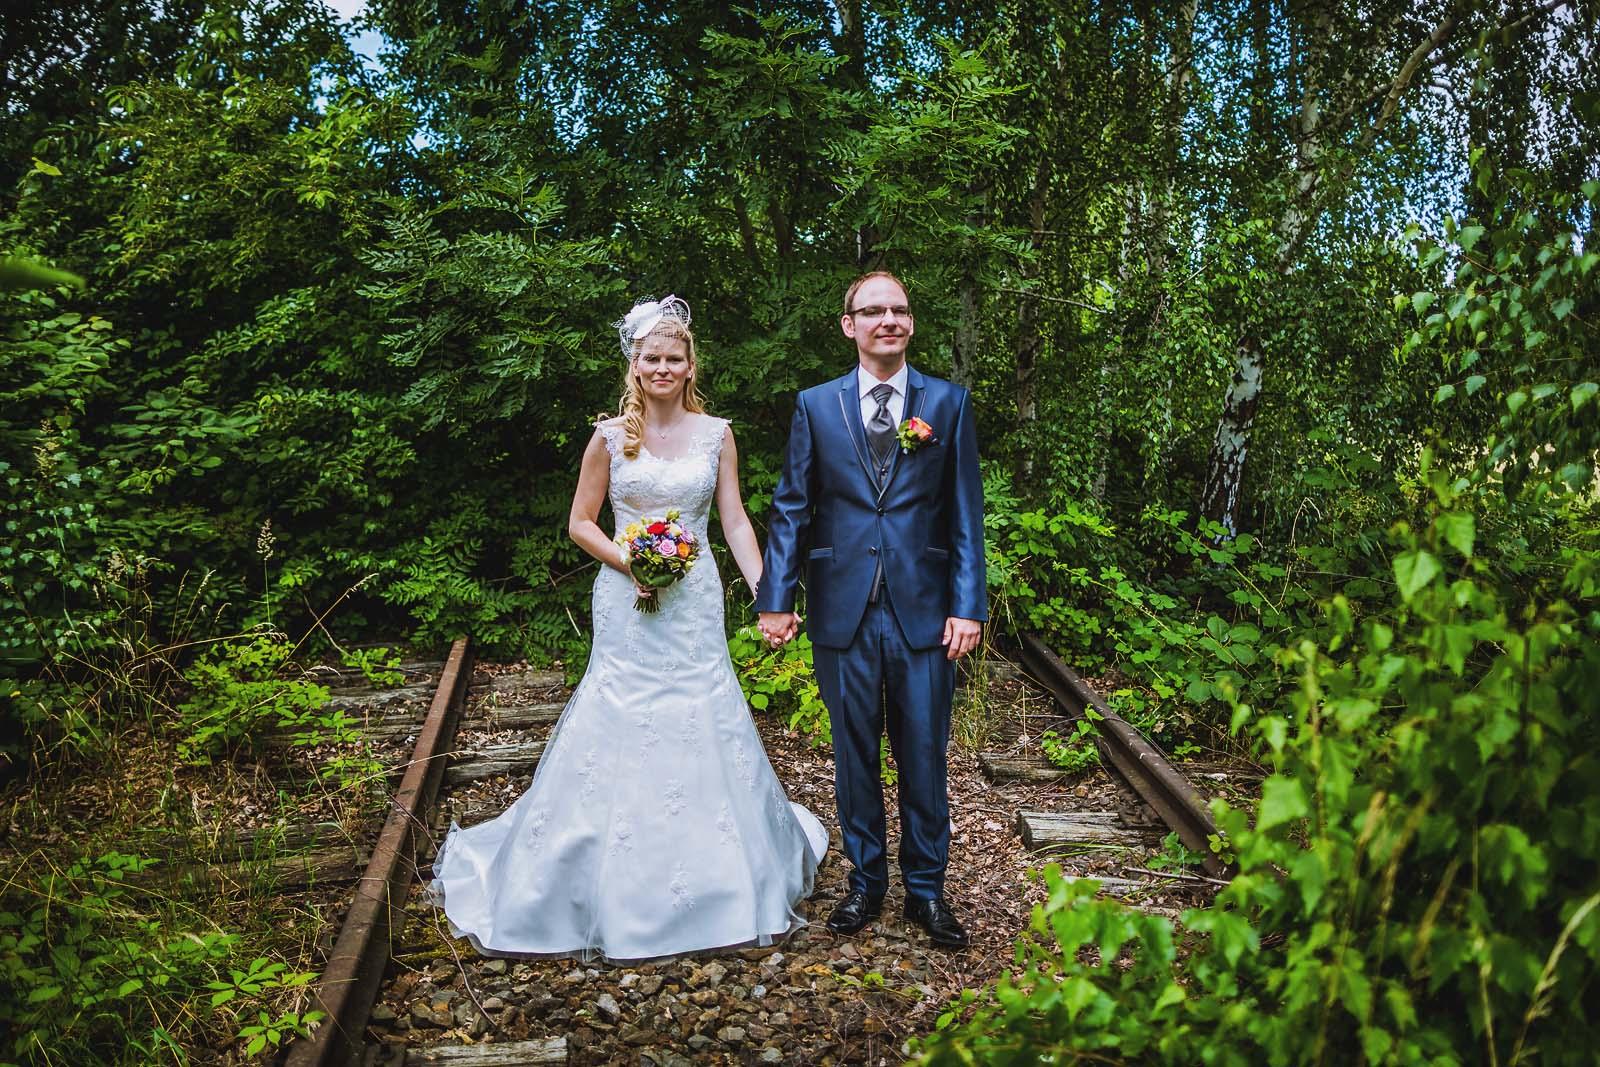 Fotoshooting auf alten Gleisen bei Hannover Hochzeitsfotograf Copyright by Hochzeitsfotograf www.berliner-hochzeitsfotografie.de